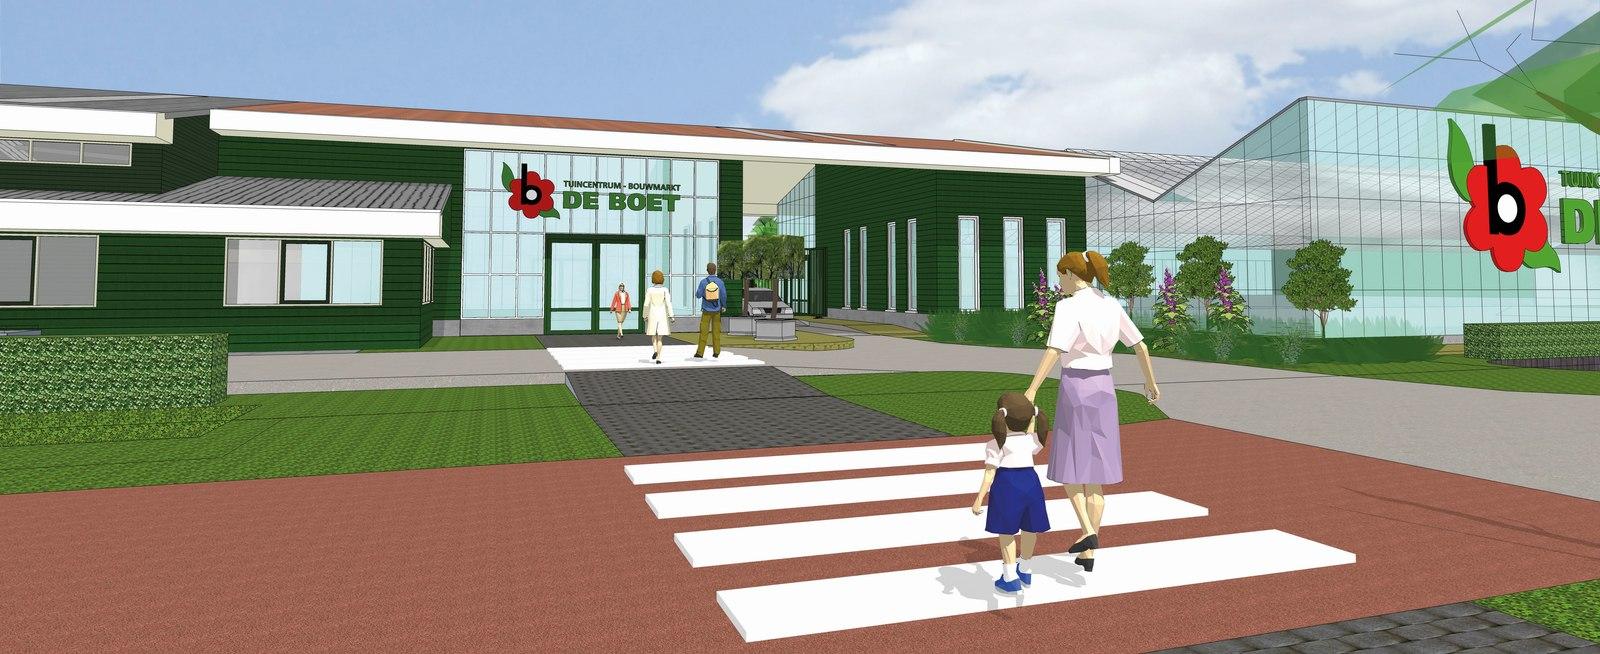 Flinke verbouwing bij Tuincentrum De Boet in Hoogwoud